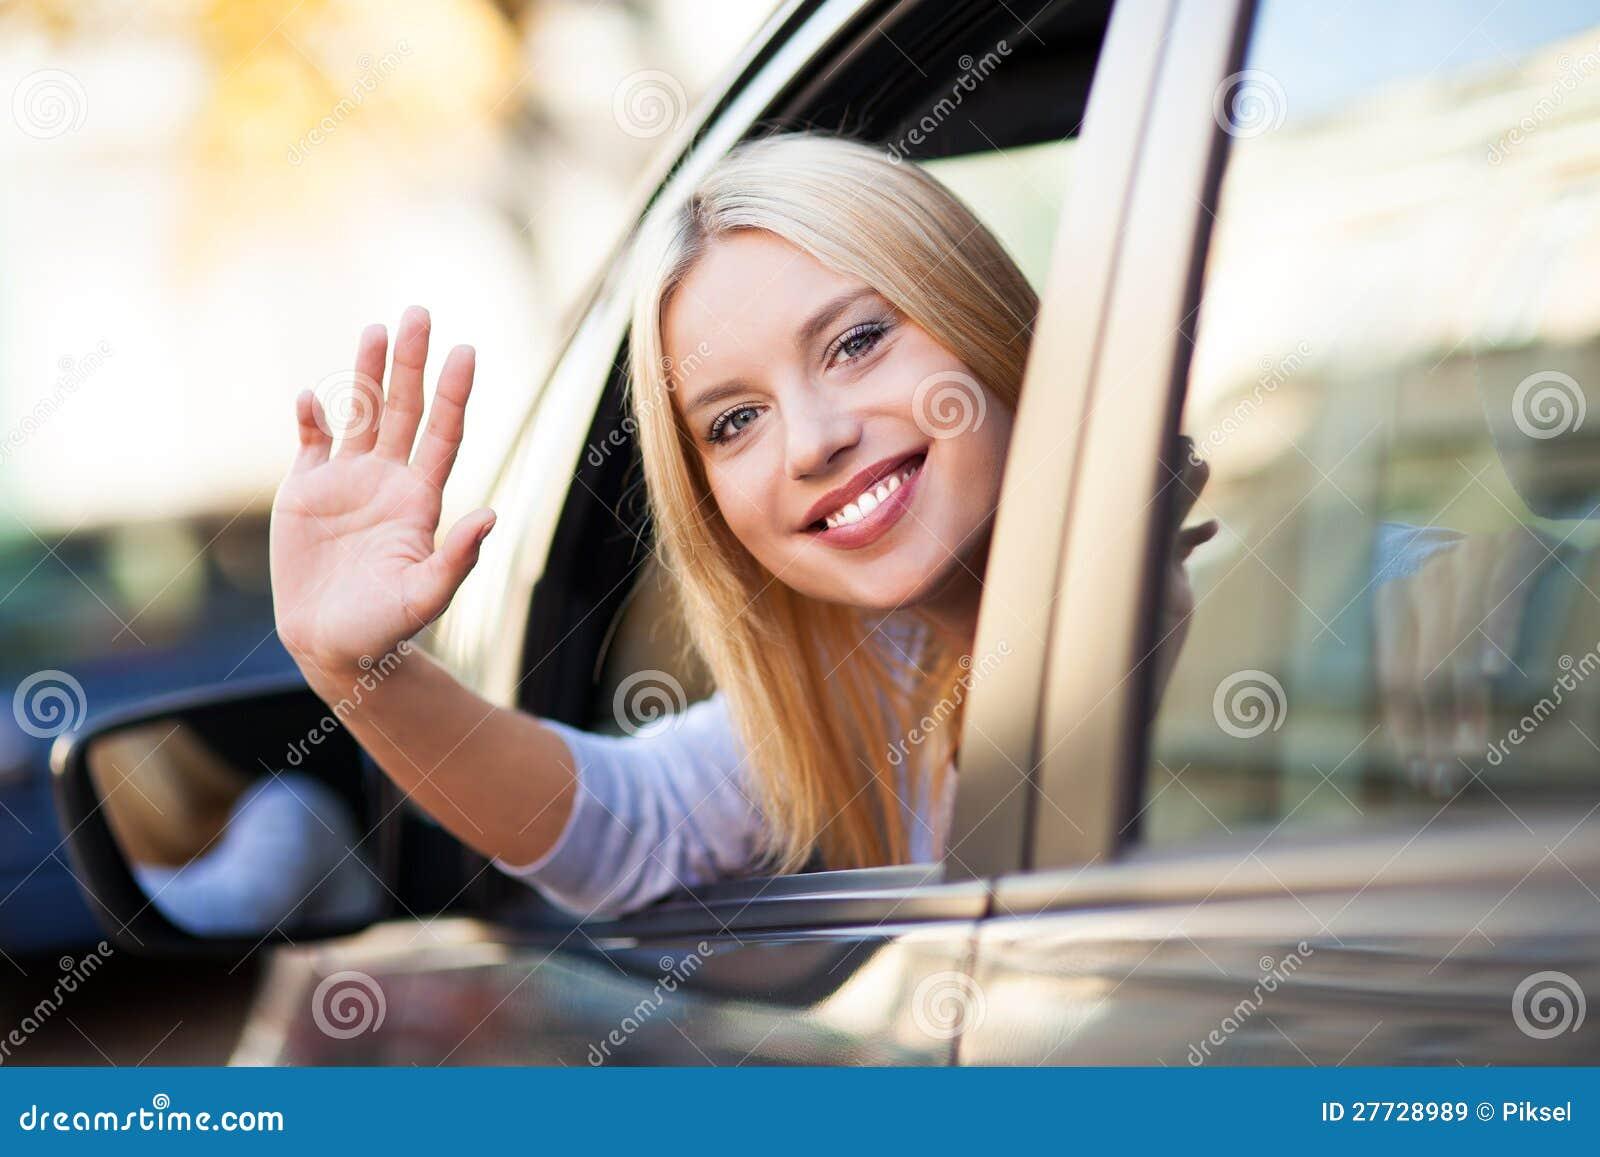 Lächelnde junge Frau, die im Auto sitzt